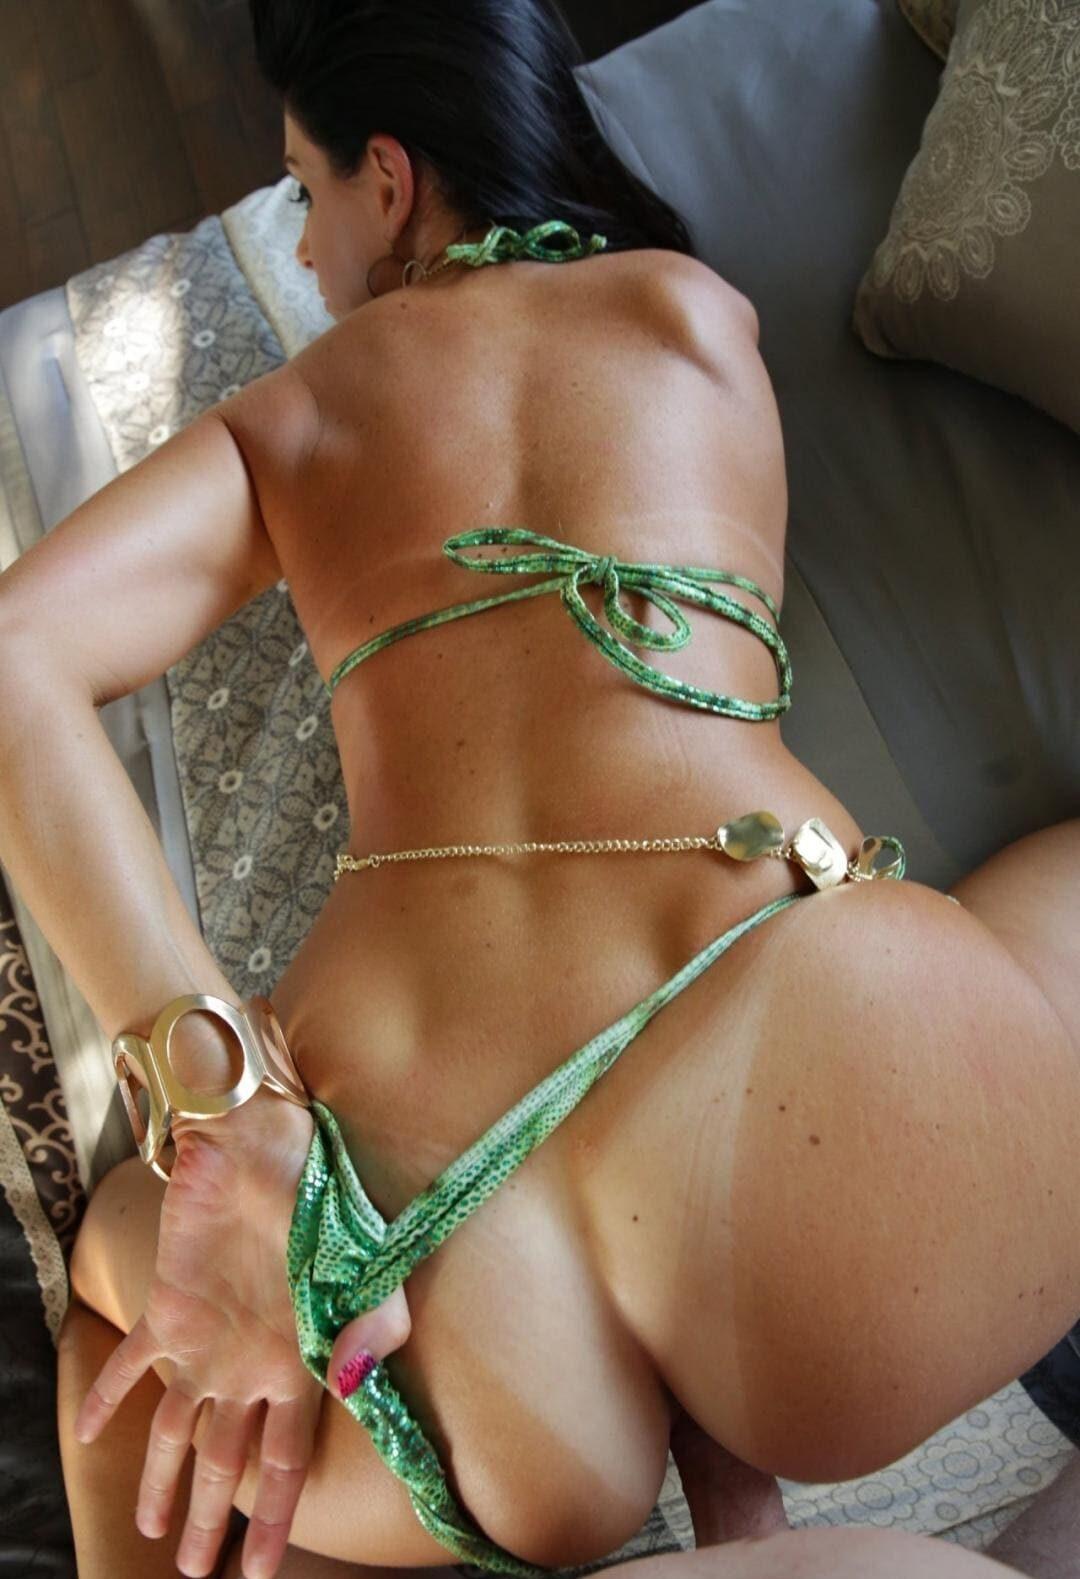 Жгучая брюнетка с красивой фигурой раком в сексуальном салатовом купальнике и стрингах стоит рукой оттягивает трусики освобождая место для члена